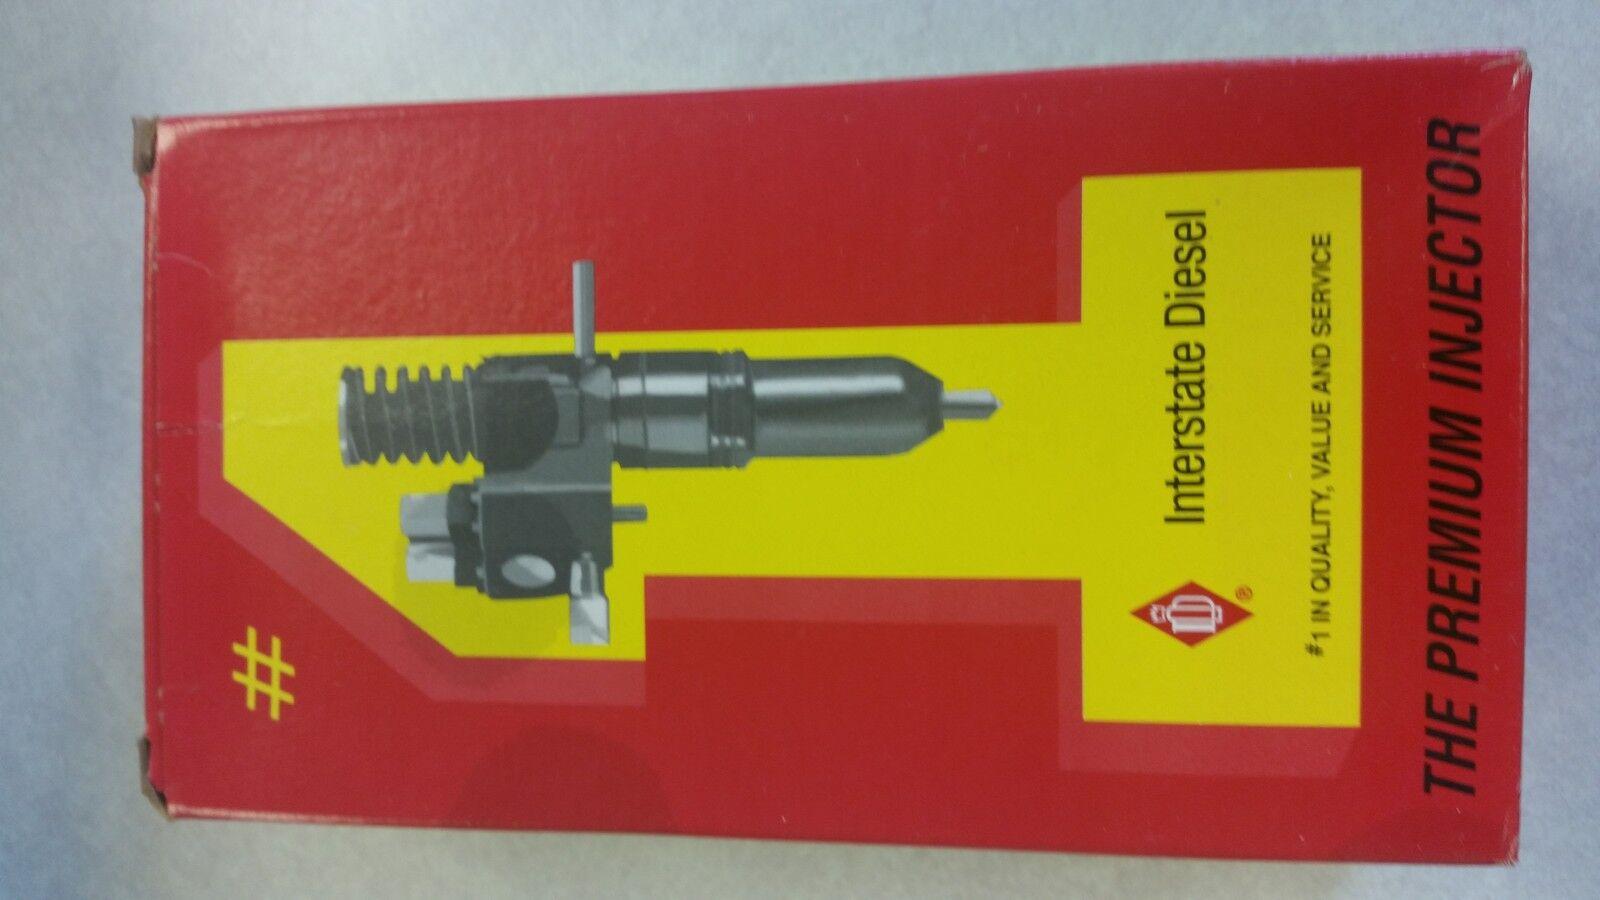 661116641 detroit diesel dt466e/1503e injector 1830691c1, ap63813bn